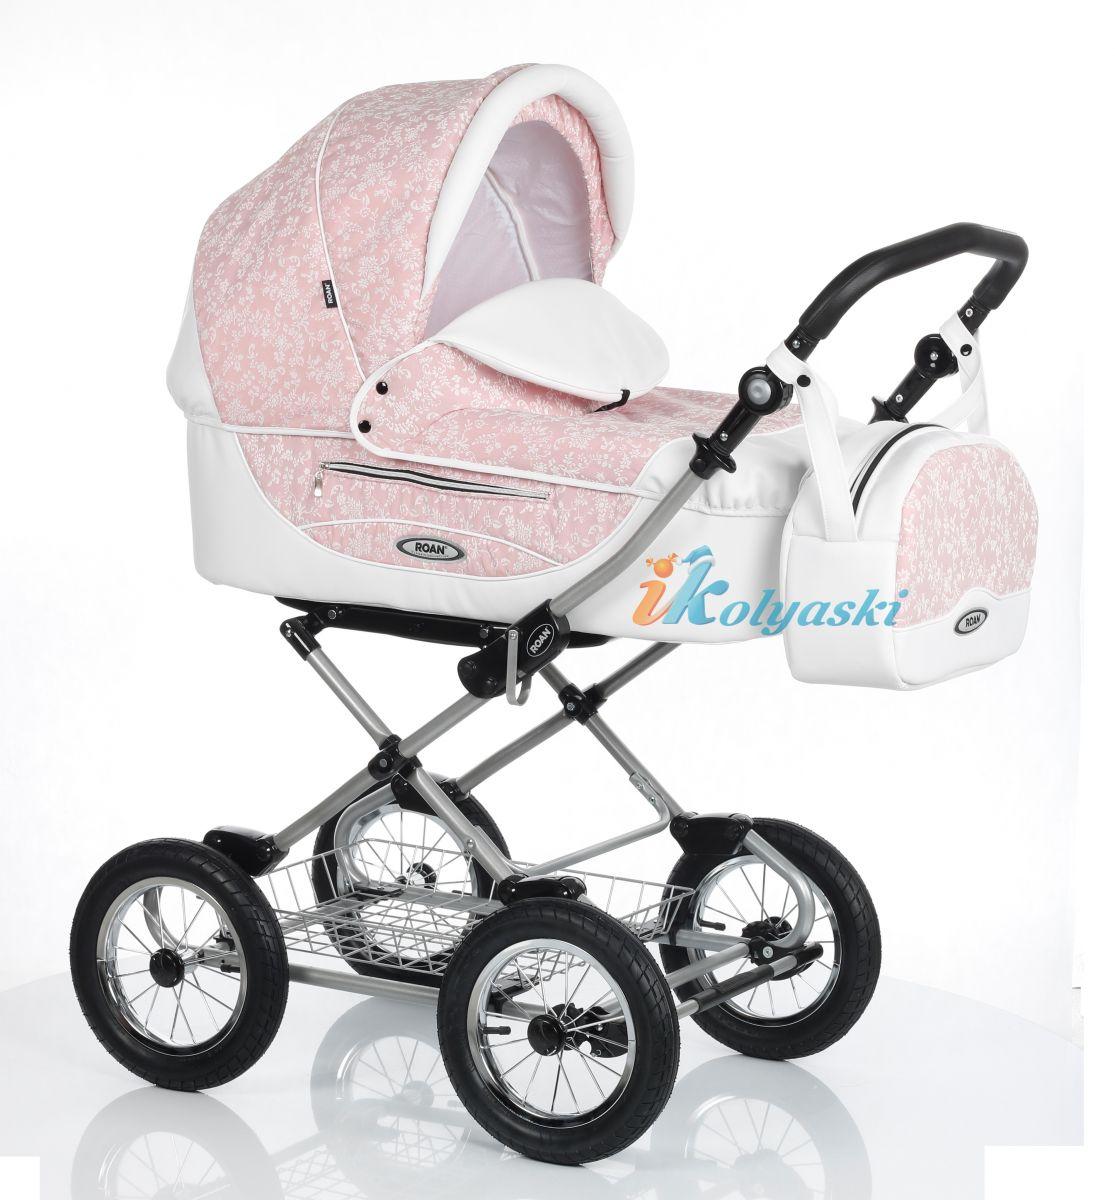 Детская коляска Roan Kortina Luxe Роан Кортина люкс 2018 спальная люлька 3 в 1 , коляска для новорожденных, коляска зима-лето.  roan kortina, roan cortina, Детская коляска Roan Kortina Luxe, коляска Роан Кортина люкс 2018, коляска спальная, коляска  люлька, коляска 3 в 1, коляска для новорожденных, роан кортина, коляска роан кортина, коляска roan cortina, цвет S-50